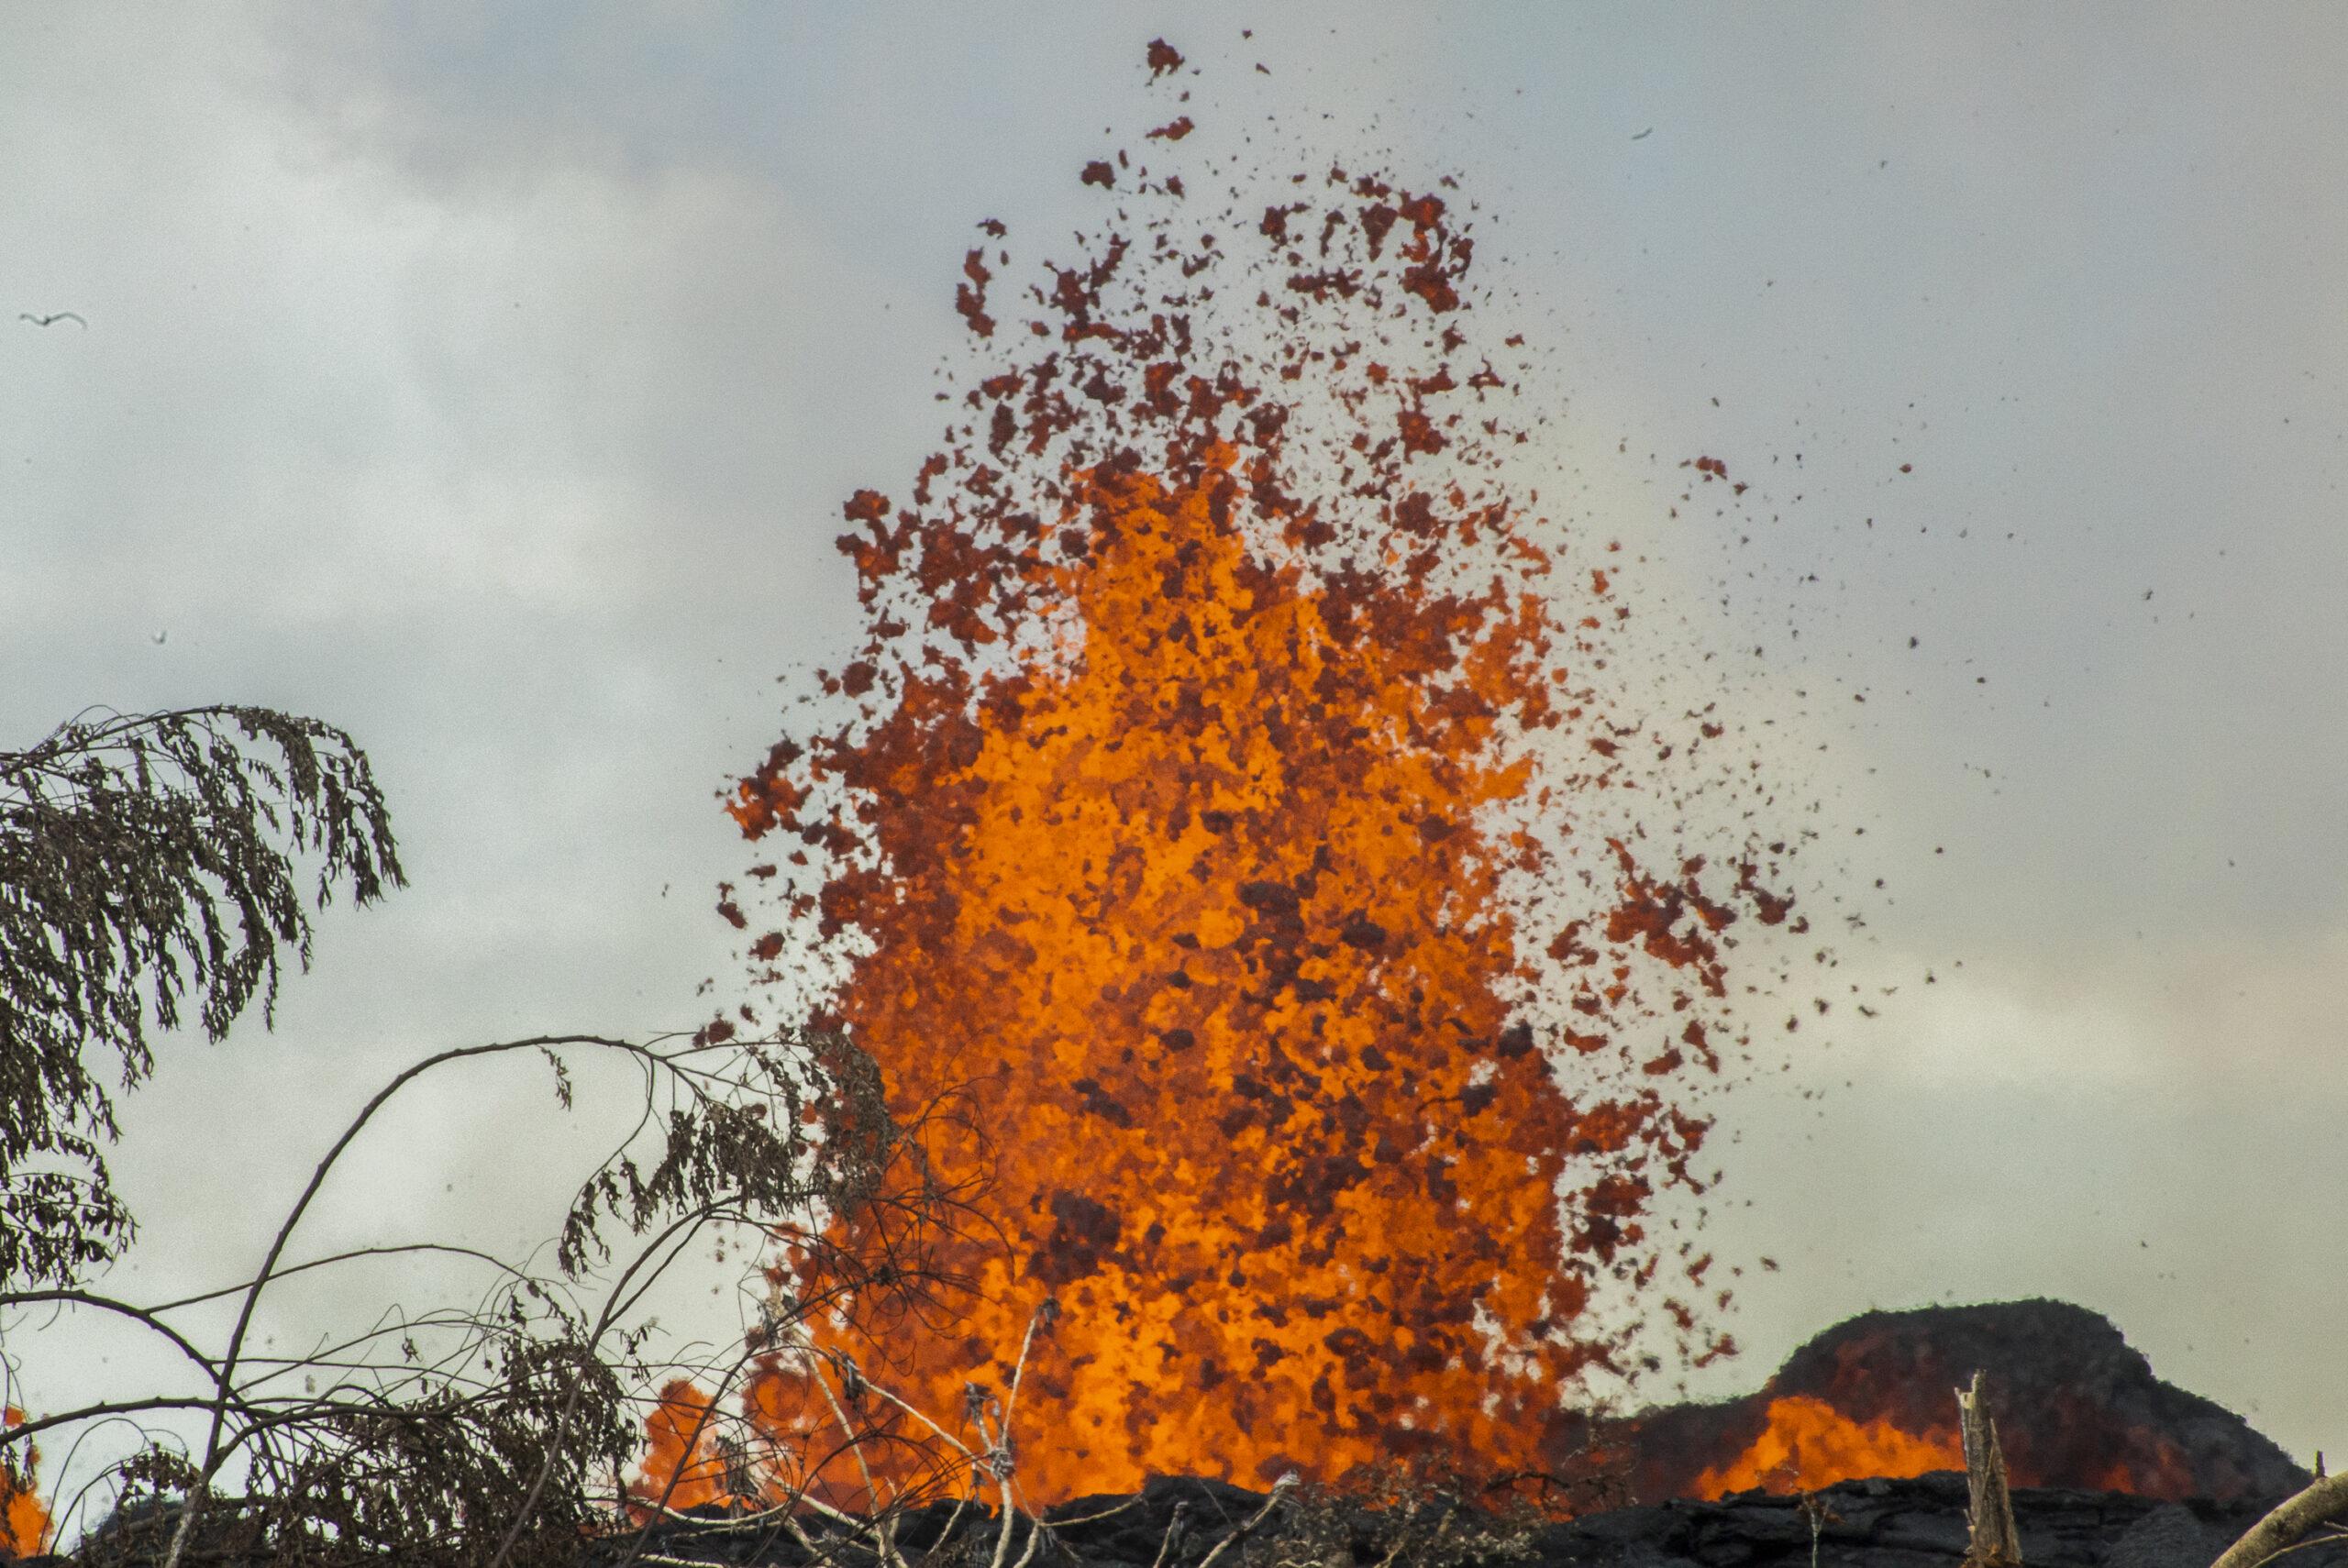 Una fontana di lava fuoriuscita dalla fessura 7 del vulcano Kilauea sono visibili nella zona residenziale di Leilani Estates, Big Island, Hawaii. © Gaia Squarci